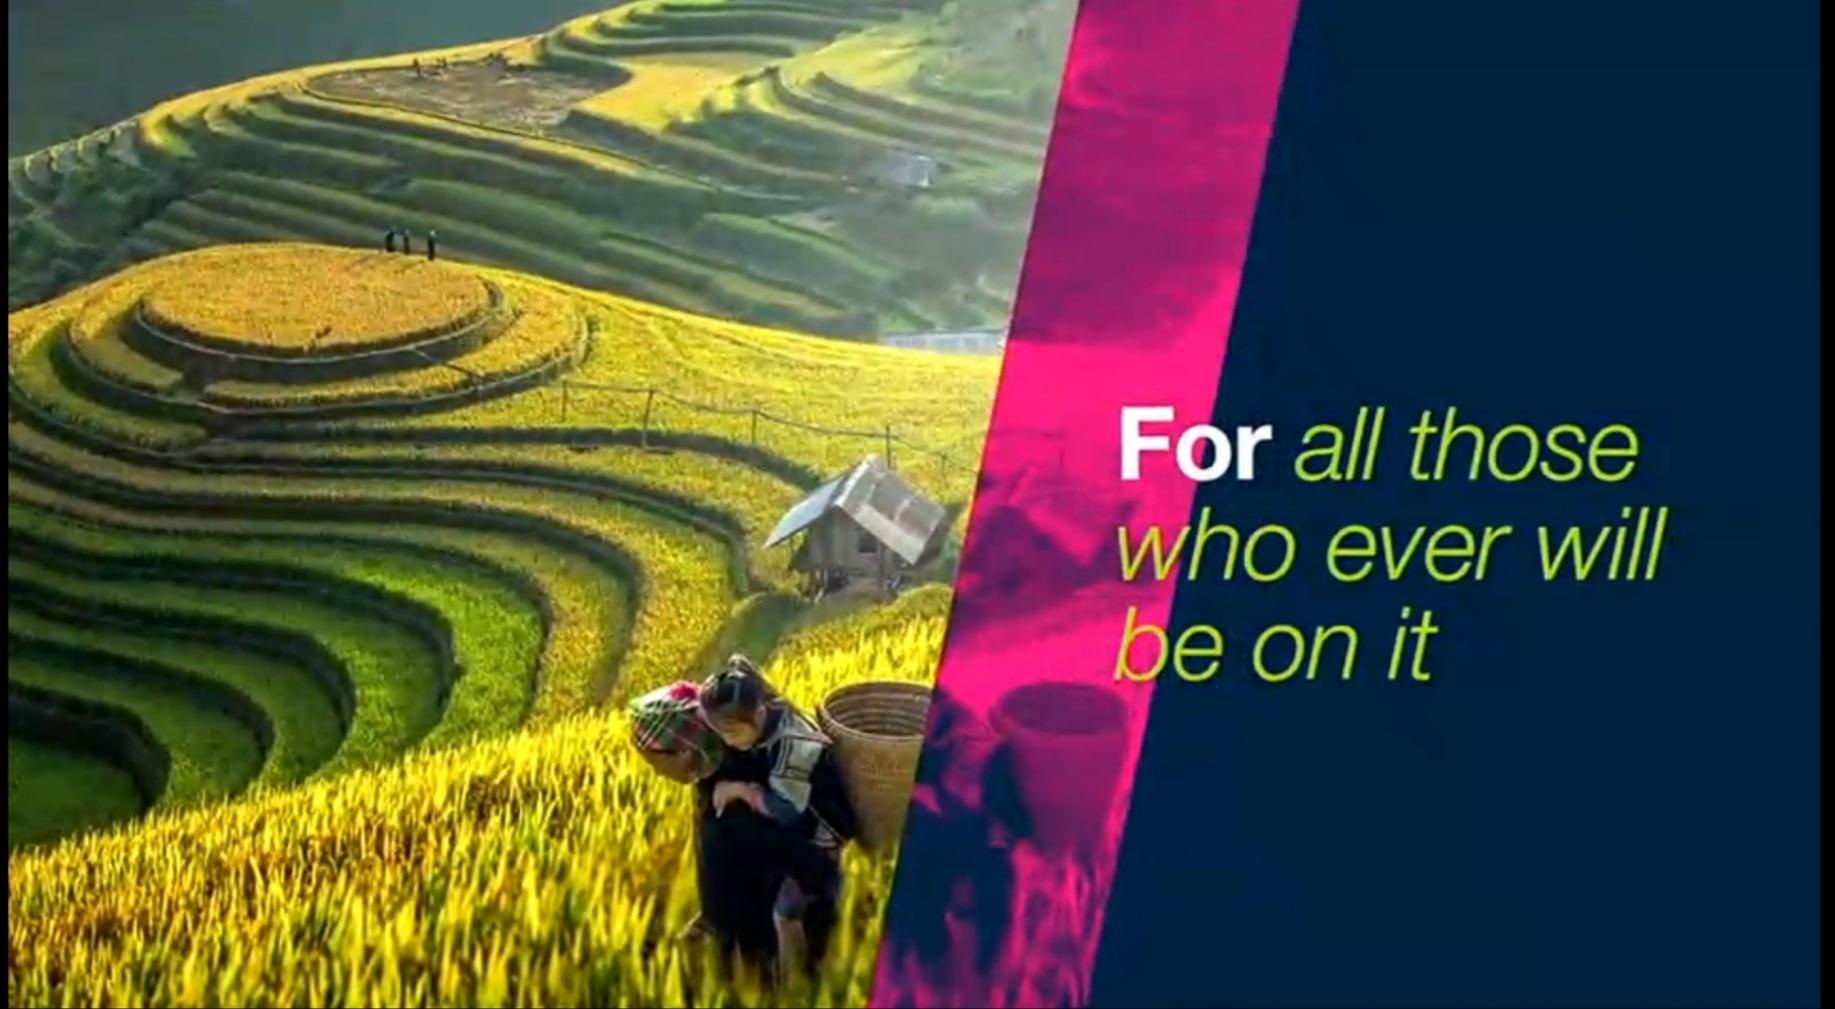 Bayer củng cố cam kết giúp tăng cường tiêu thụ trái cây và rau củ trên toàn thế giới - Ảnh 3.